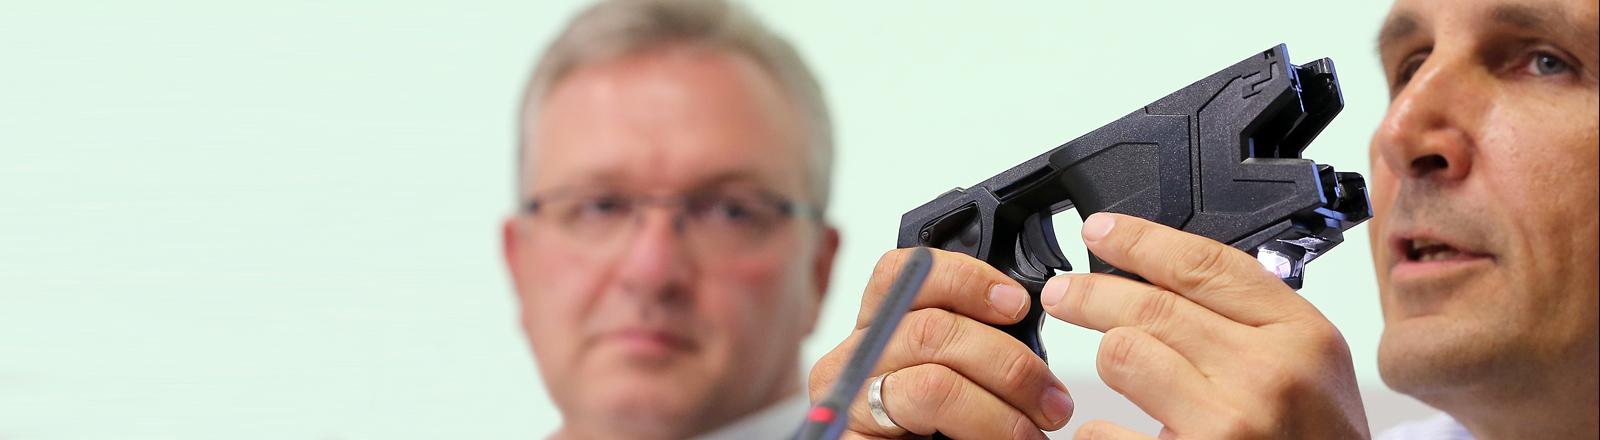 Innensenator Frank Henkel fordert den Einsatz von Tasern.